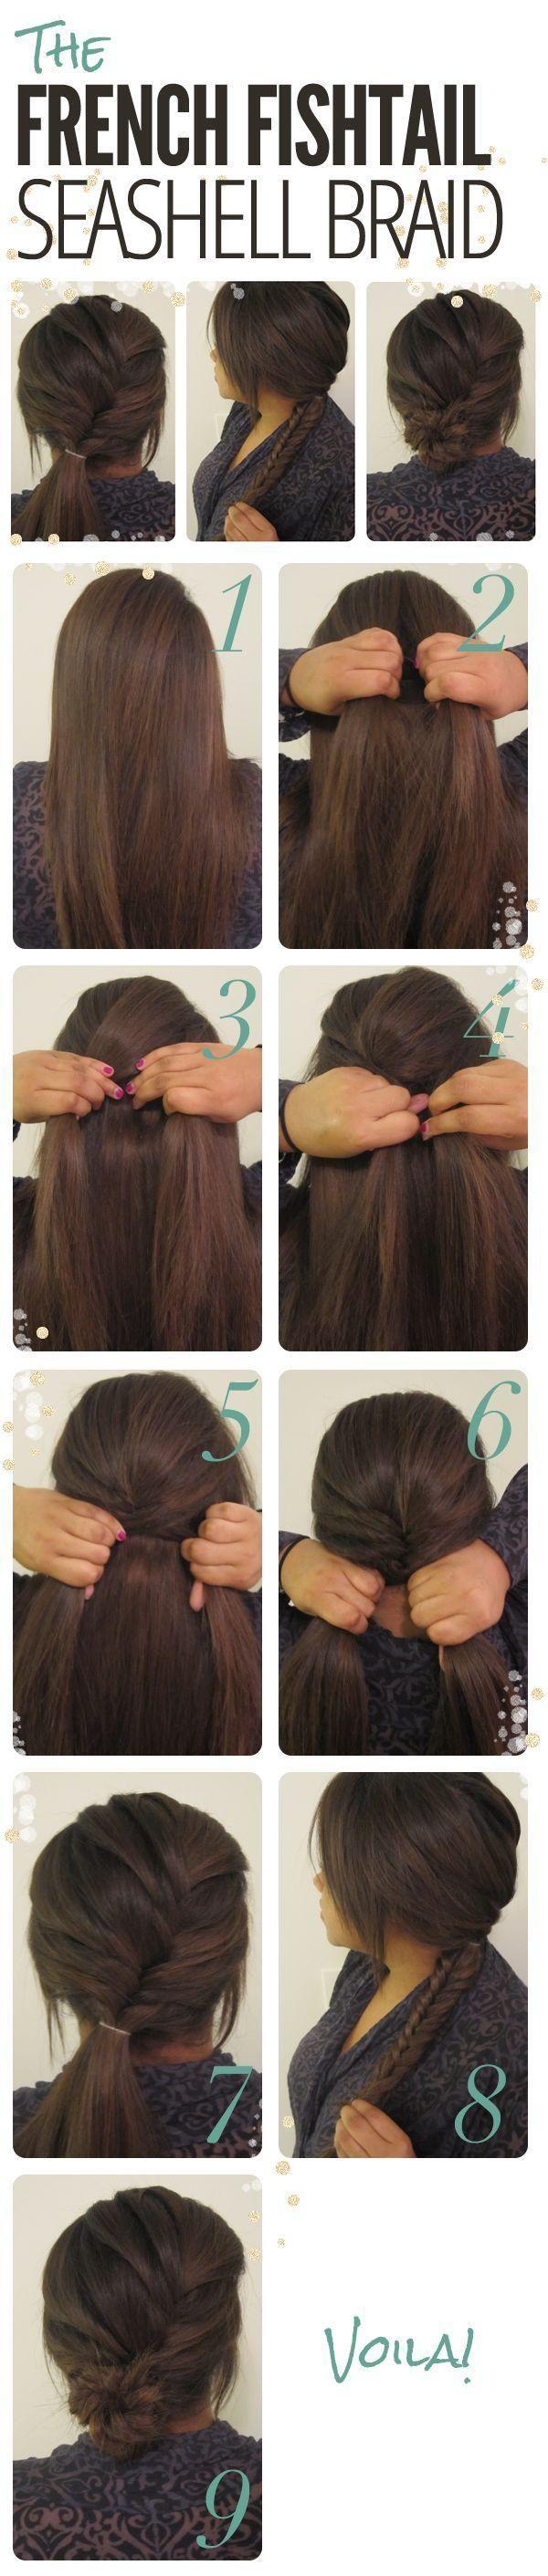 7 wspaniałych instrukcji krok po kroku jak zrobić łatwą i piękną fryzurę